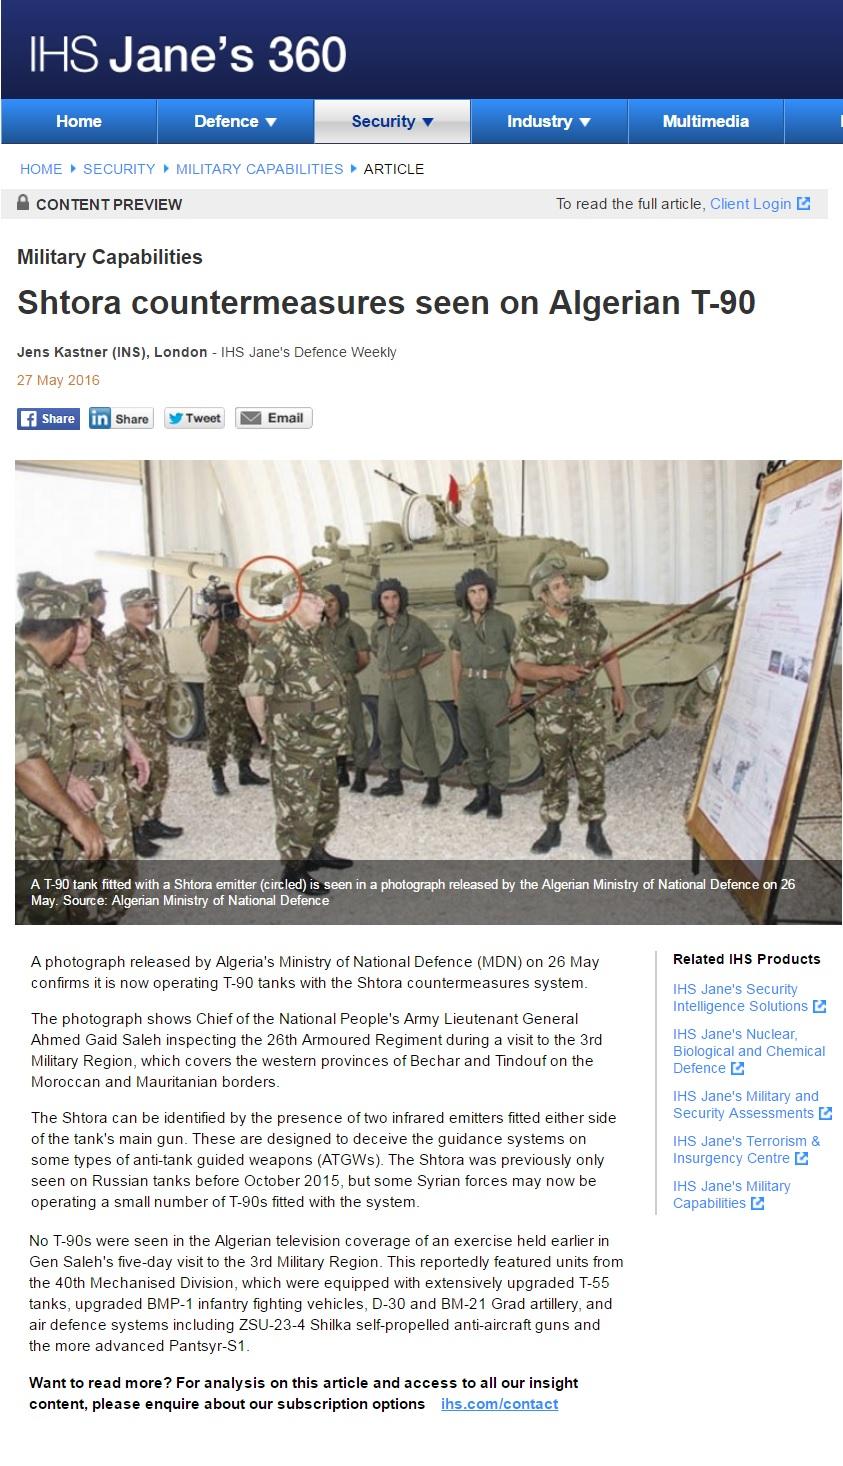 2015 - الجزائر تستلم حزمة ثالثة  من  [ دبابات T-90  ]   - صفحة 11 27289258675_e28c497648_o